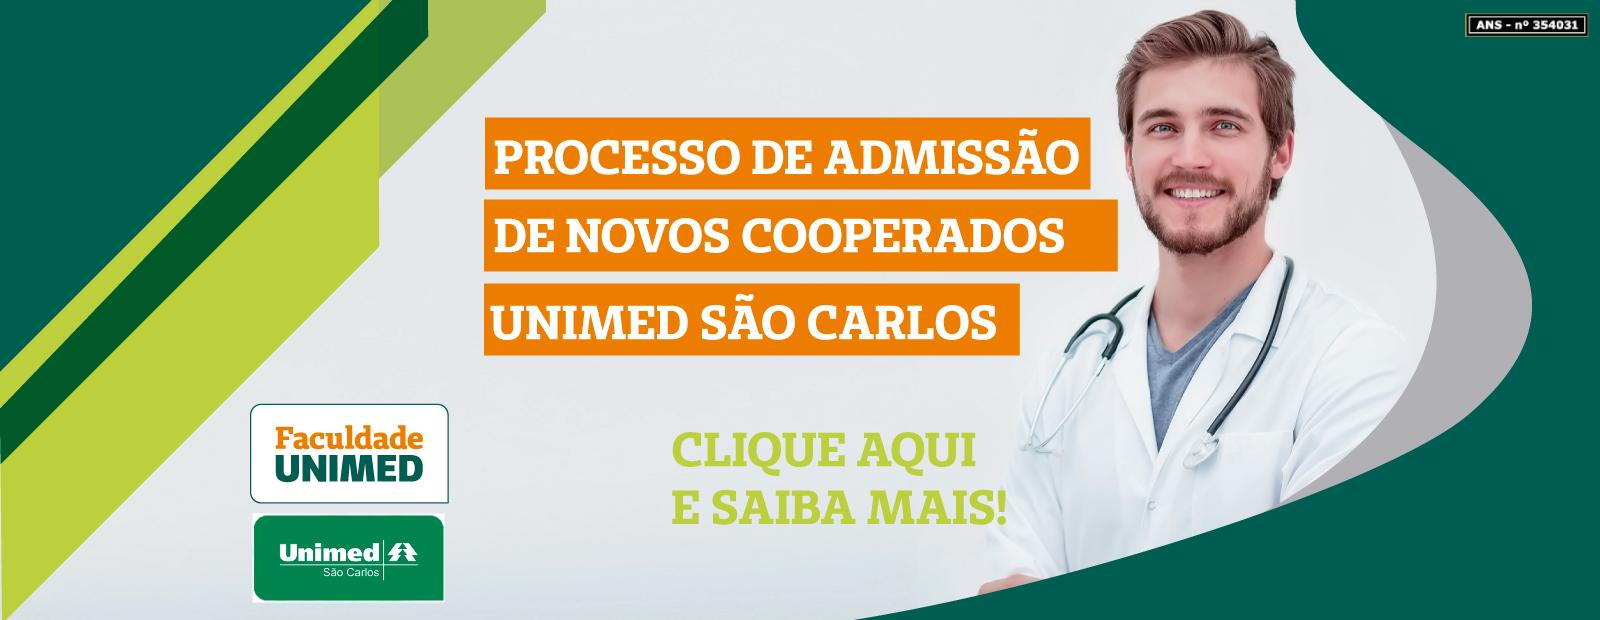 Processo de Admissão de Novos Cooperados Unimed São Carlos